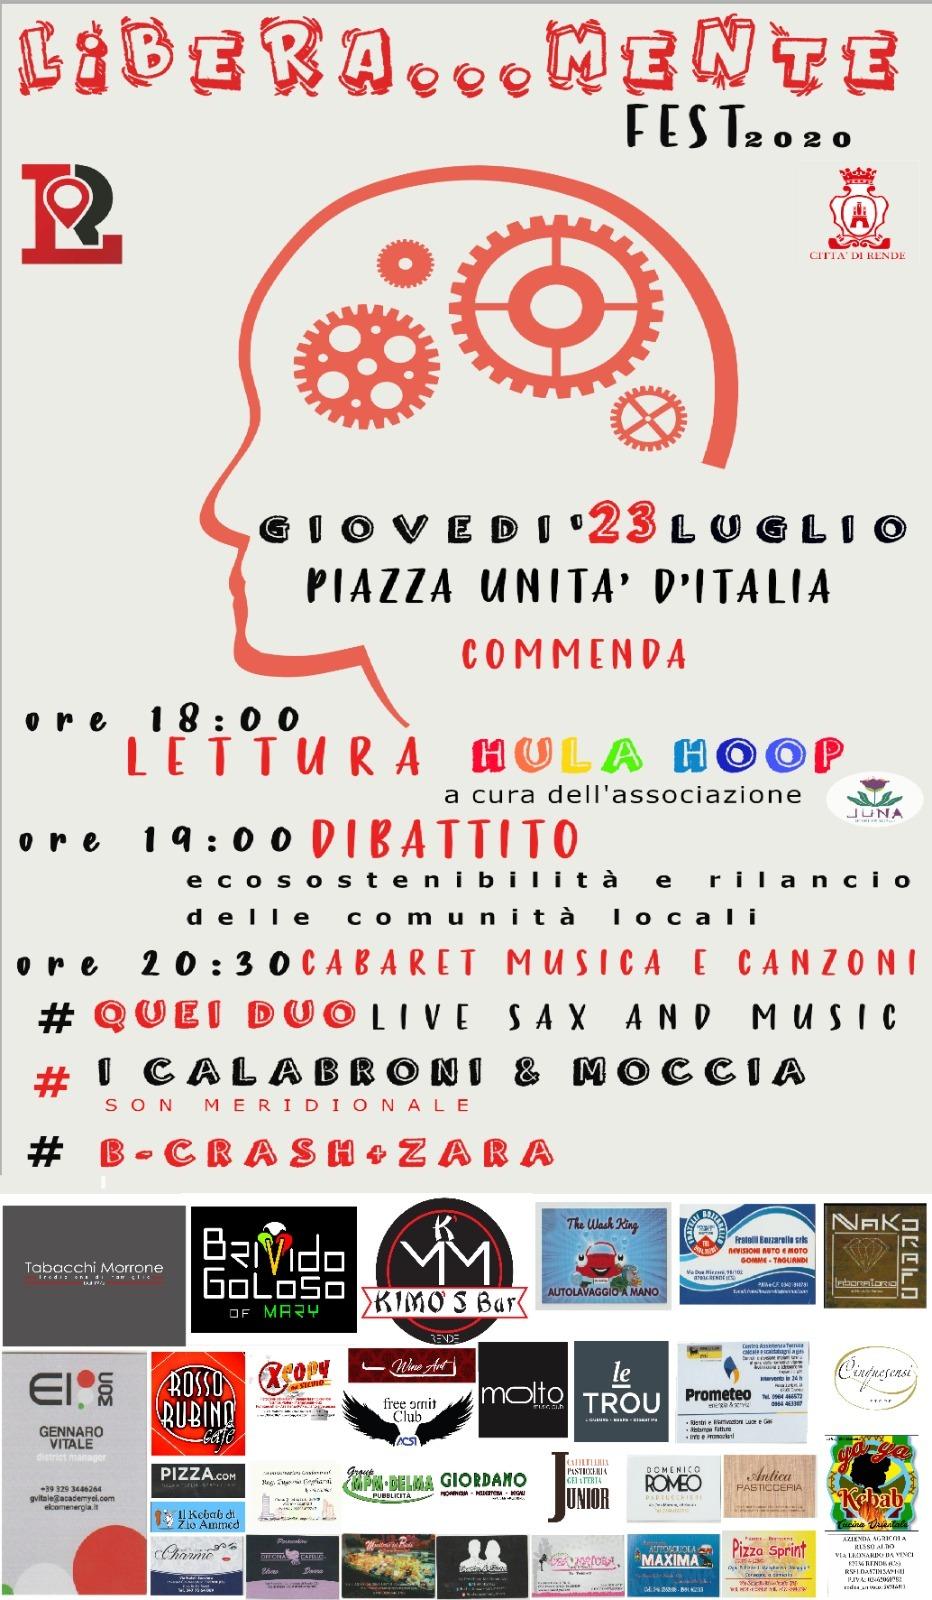 Rende: tutto pronto per il LiberaMente Fest2020 a Commenda!